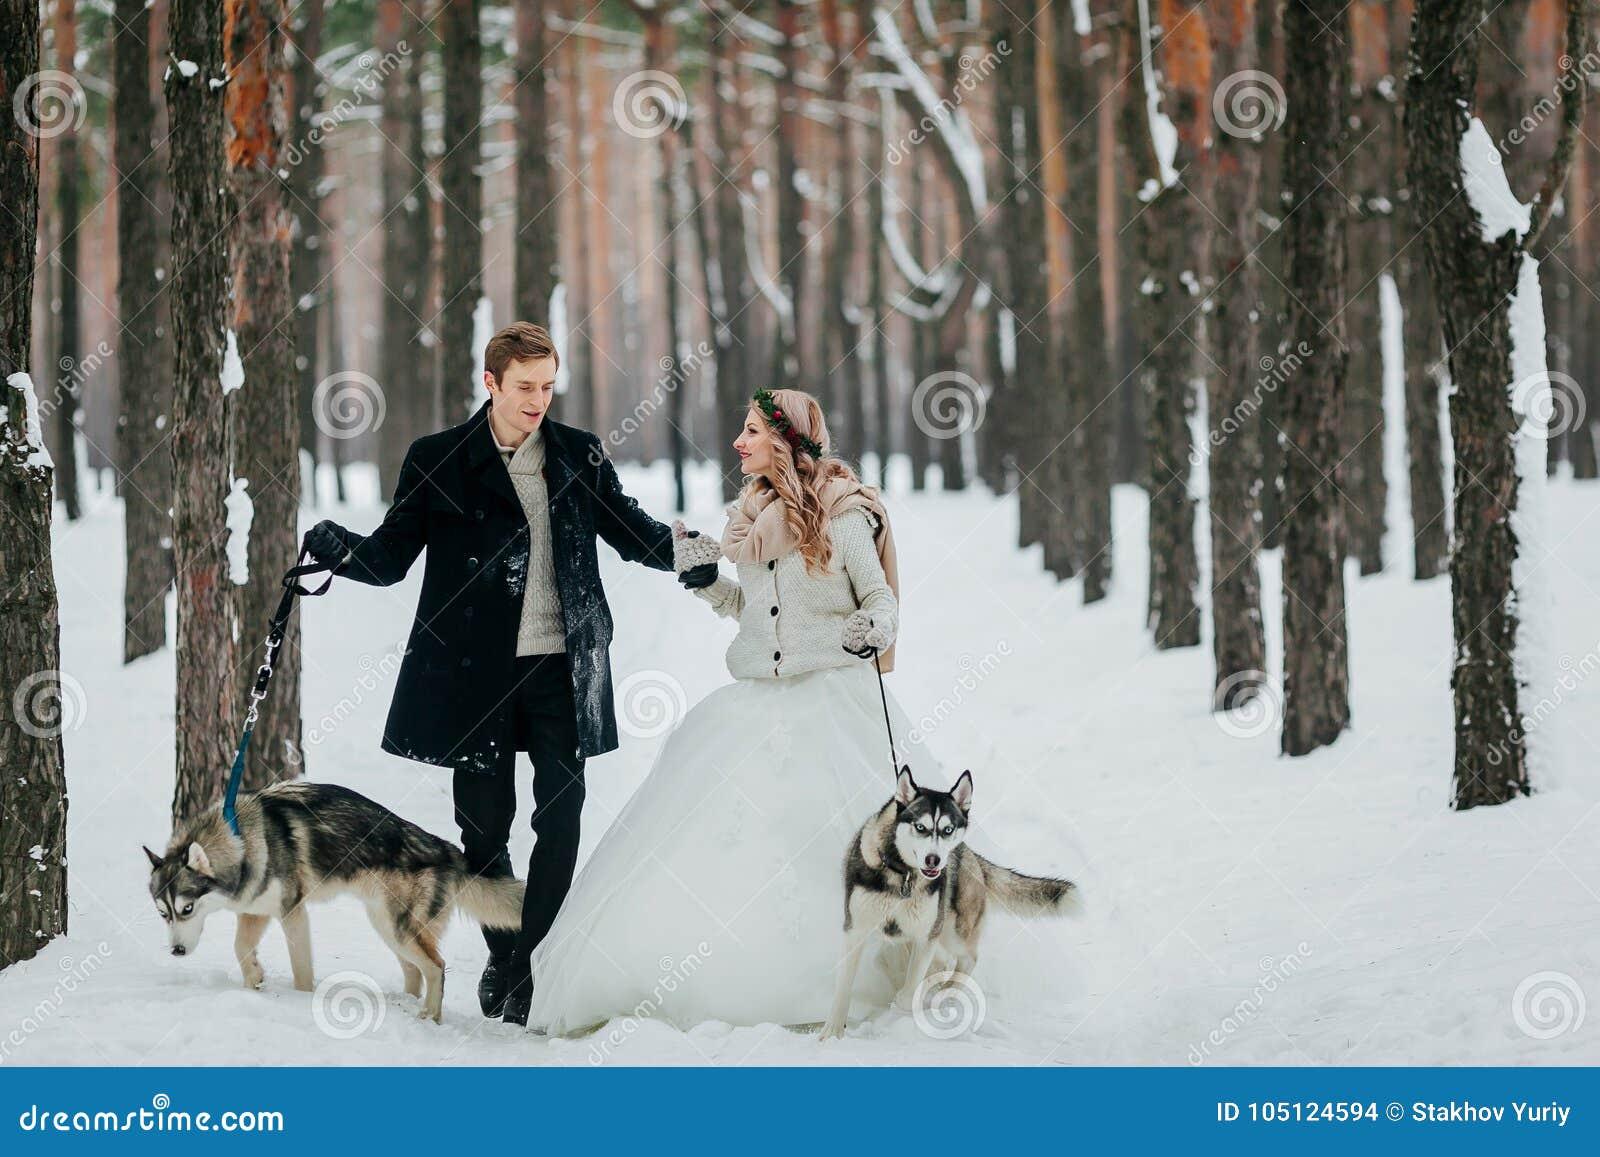 逗人喜爱的夫妇在足迹走在有两条西伯利亚狗的多雪的森林里 户外婚姻冬天的新娘新郎 附庸风雅